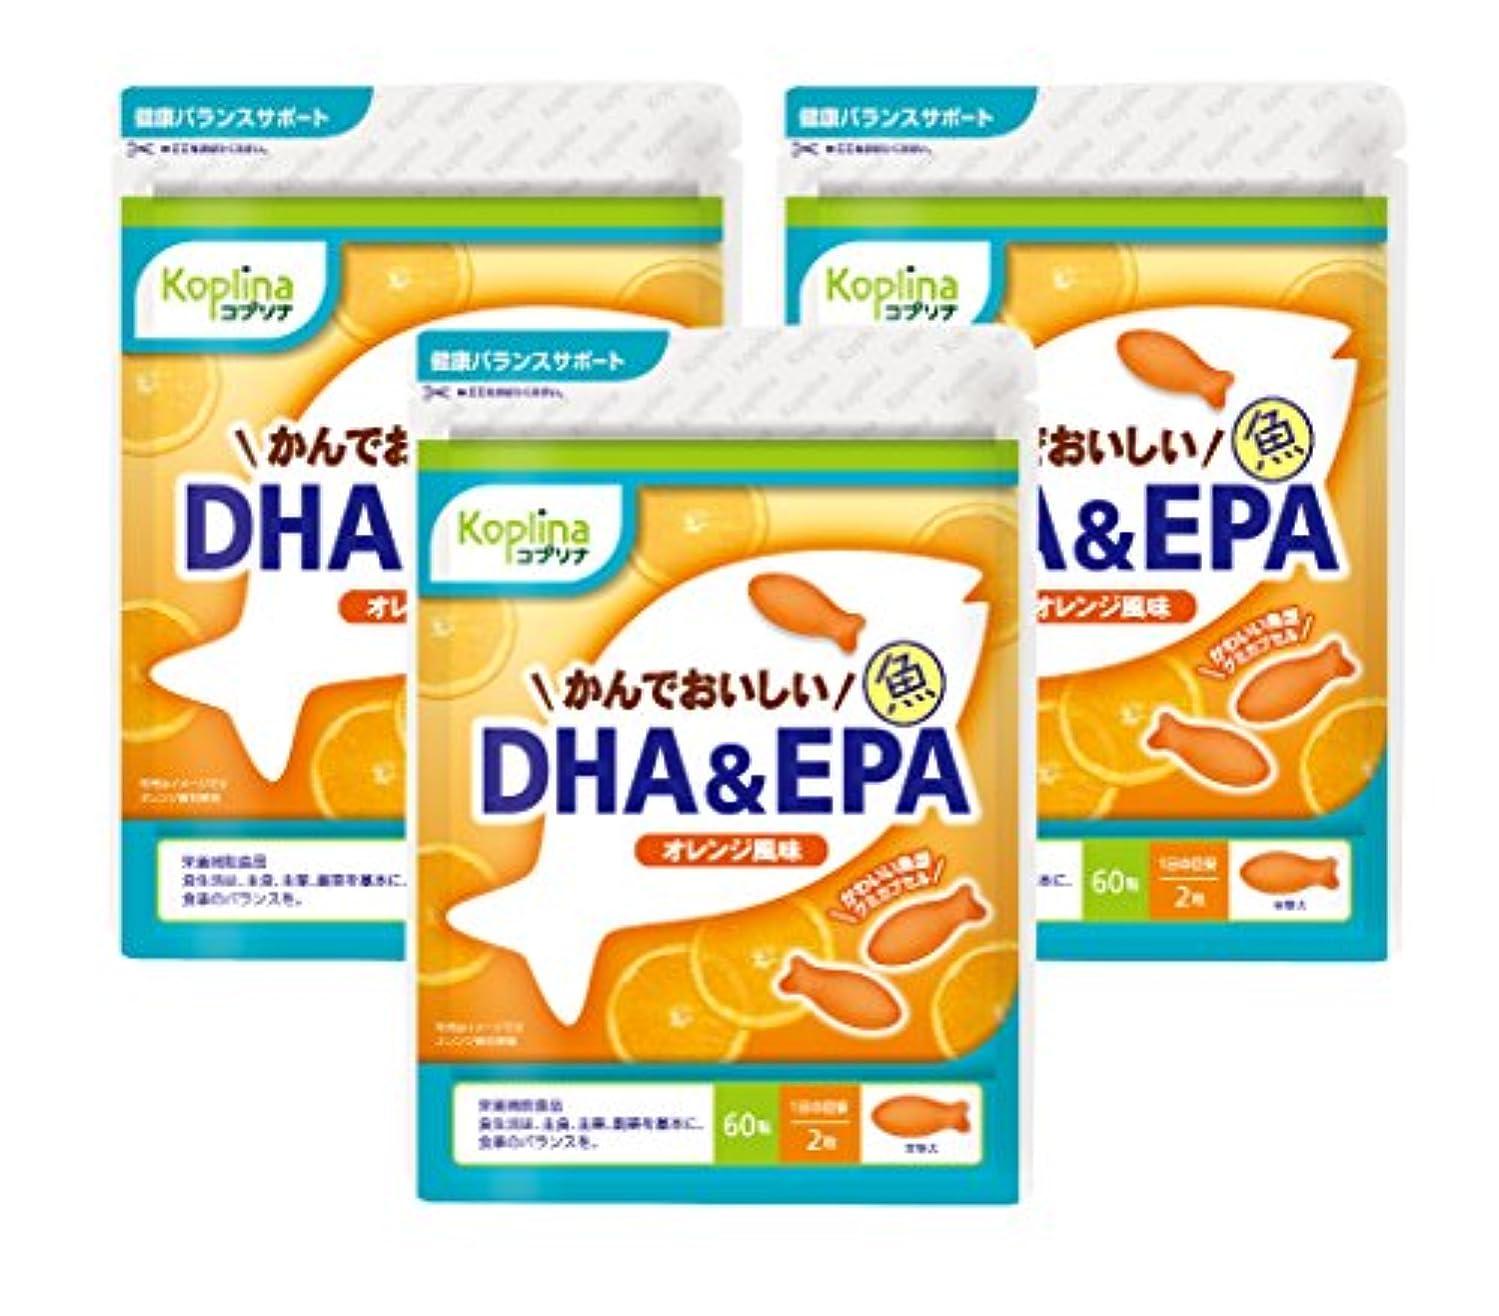 ステーキ町ぼかしかんでおいしい魚DHA&EPA 60粒(オレンジ風味)日本国内製造 チュアブルタイプ (1) (3)